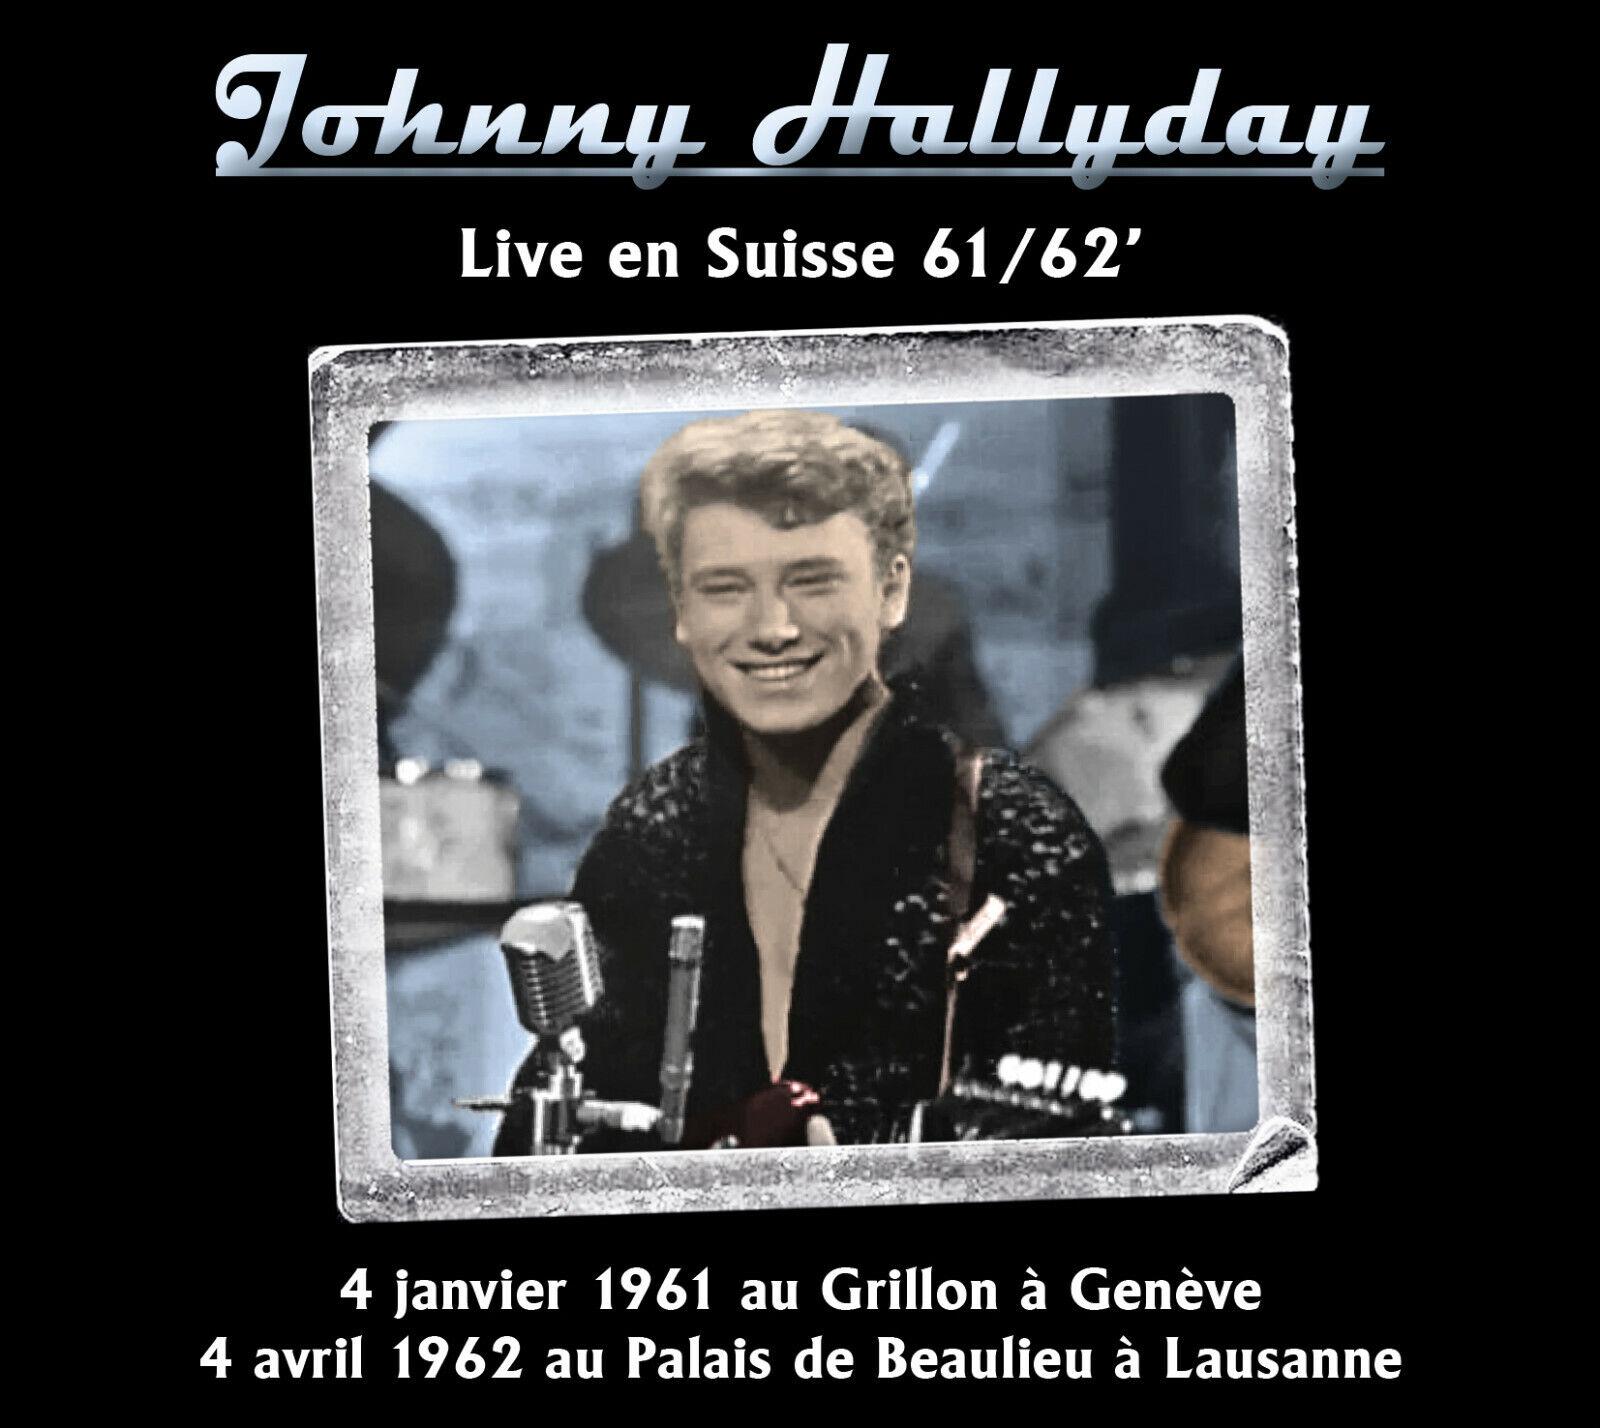 cd johnny hallyday : live en suisse 61/62' - digipack limité à 200 exemplaires